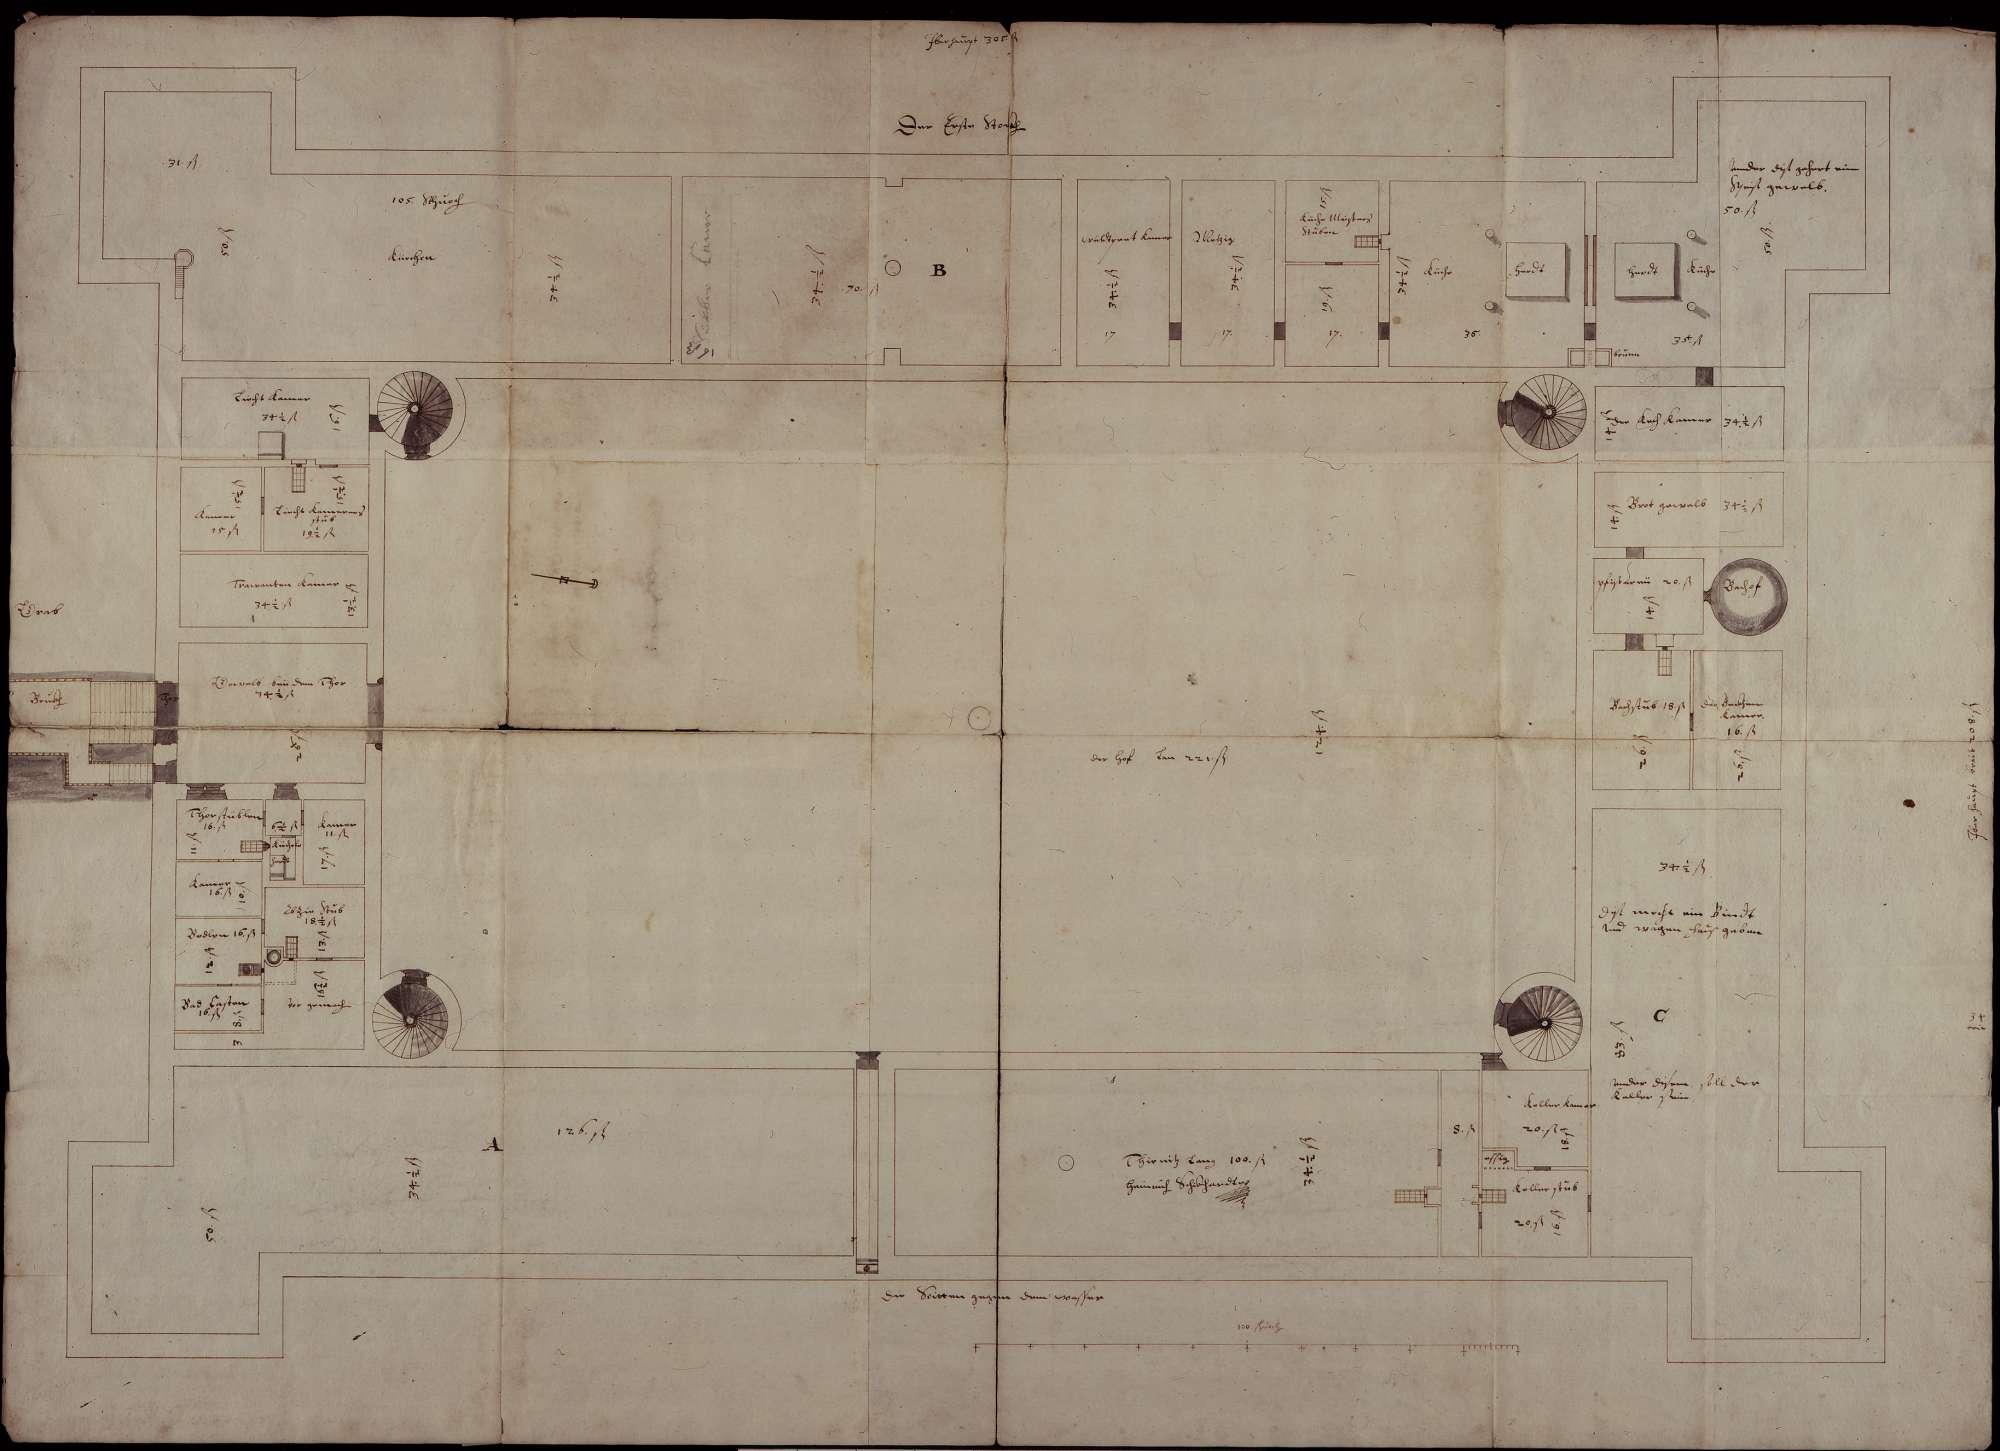 Grundriss des untersten Stockwerks (56 x 75 cm), mit eigenhändigem Vermerk Schickhardts über die Grundsteinlegung am 22. März 1606 durch Herzog Friedrich, Bild 1